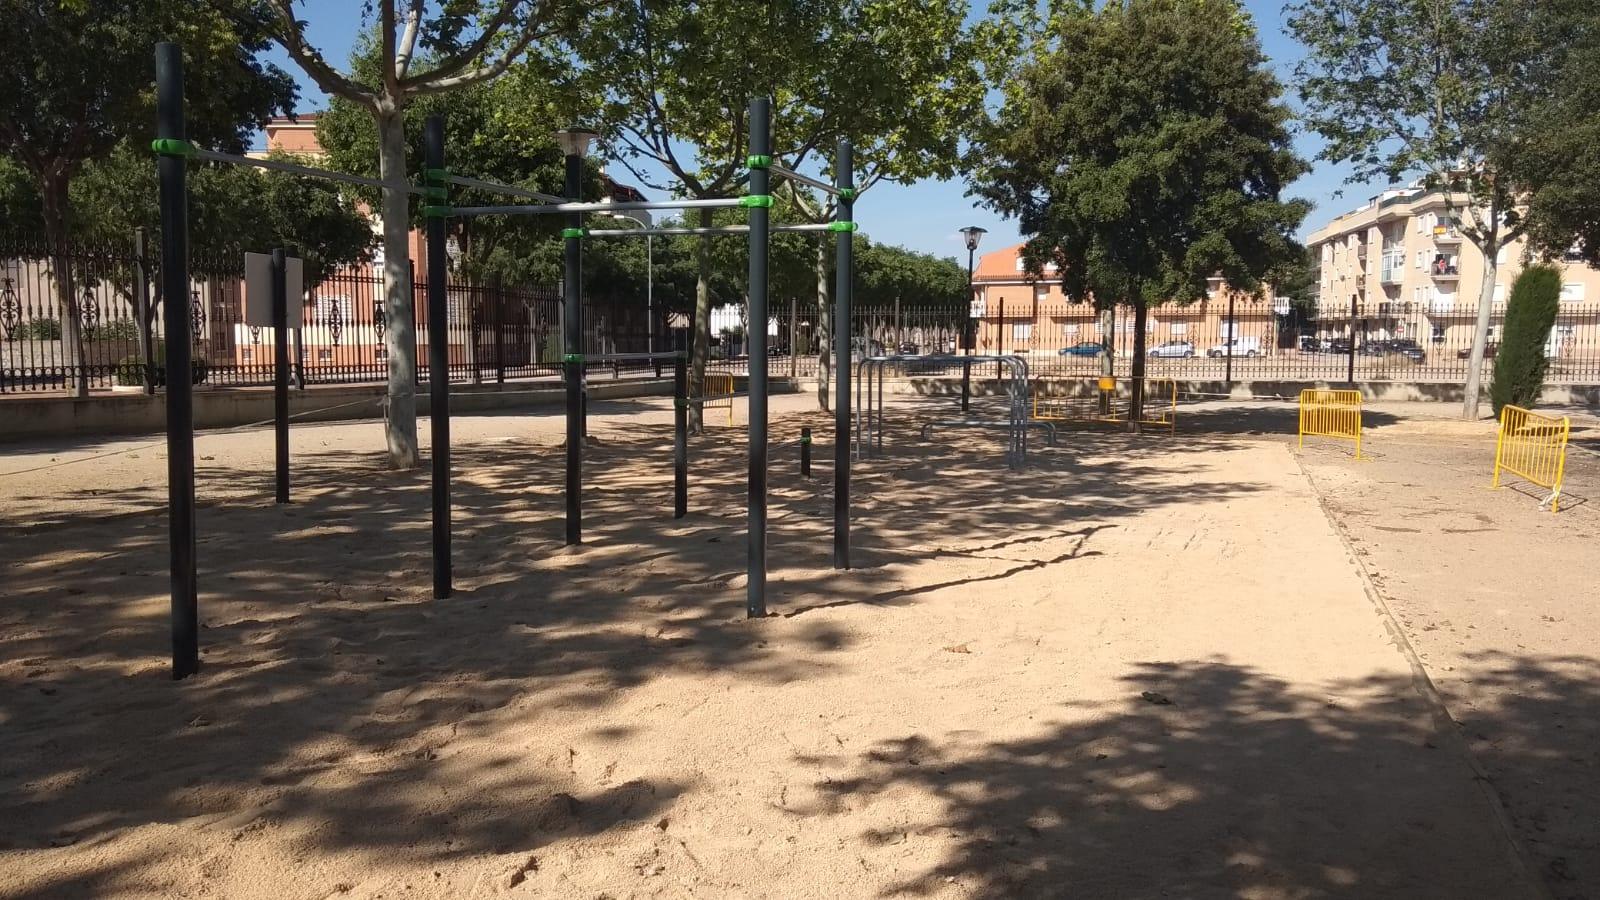 Amores Anuncia 6000 Euros Para El Consejo Juvenil Y La Ampliación Del Parque De Calistenia